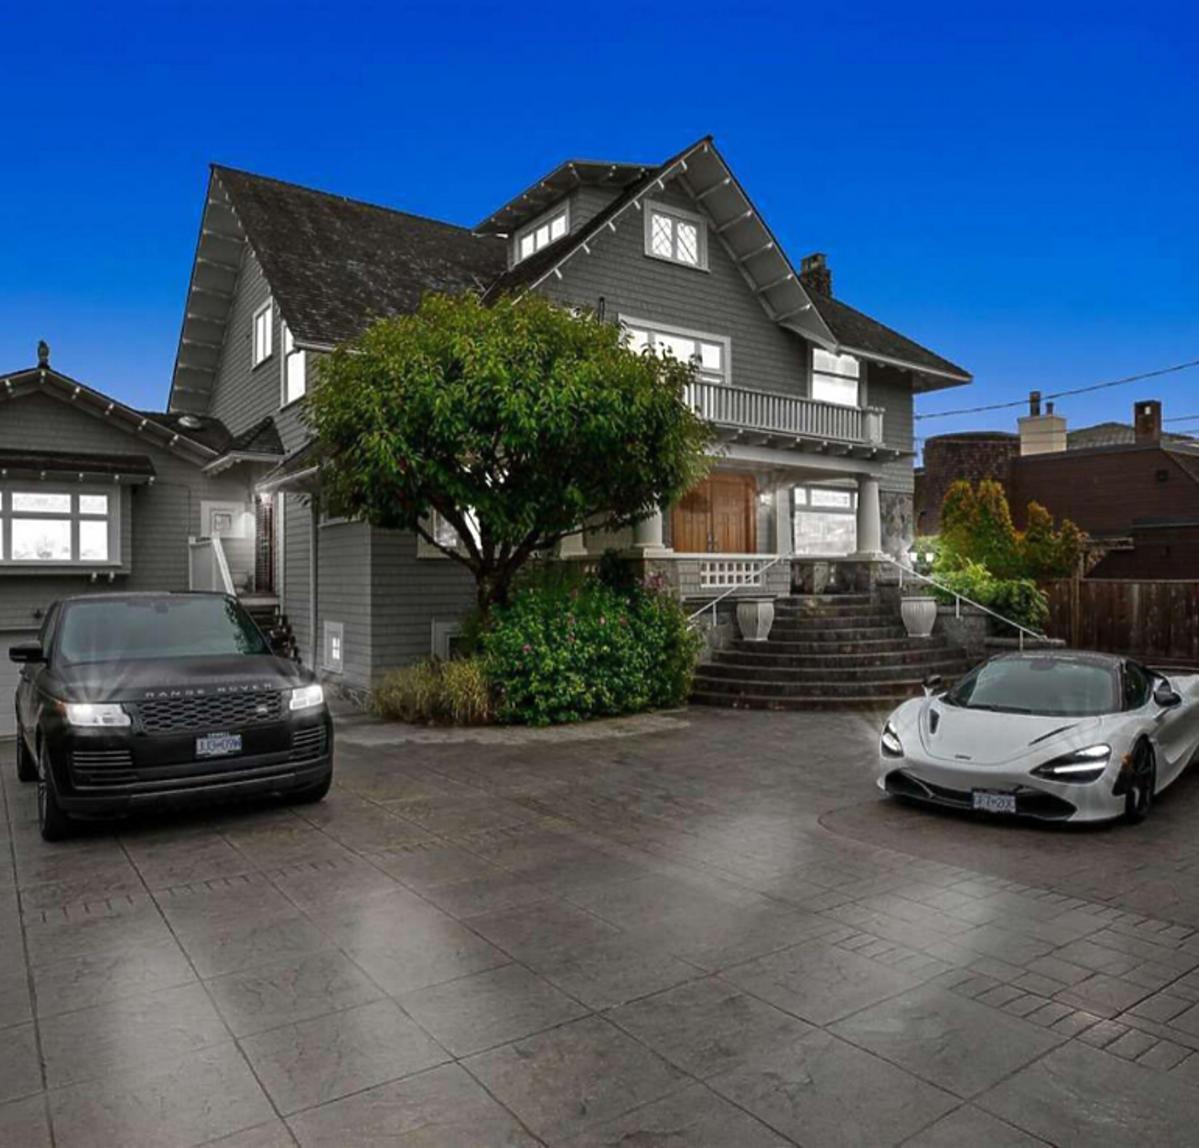 Dom Meghan i Harry'ego w Kanadzie